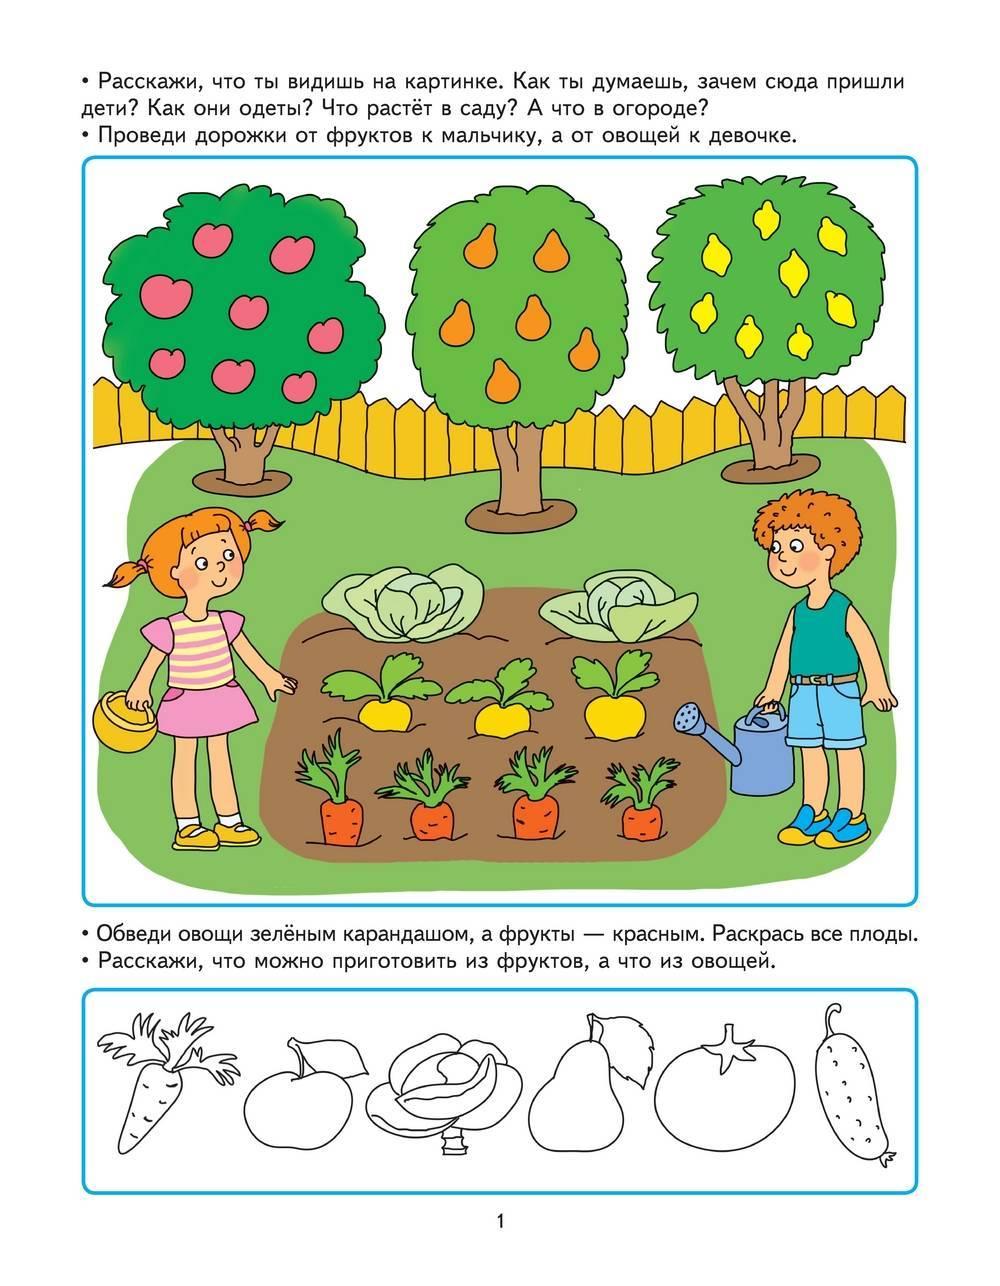 Развивающие ☝️ занятия для детей 3 4 лет, интересные занятия и ✍️ развивашки ребенку дома ☀